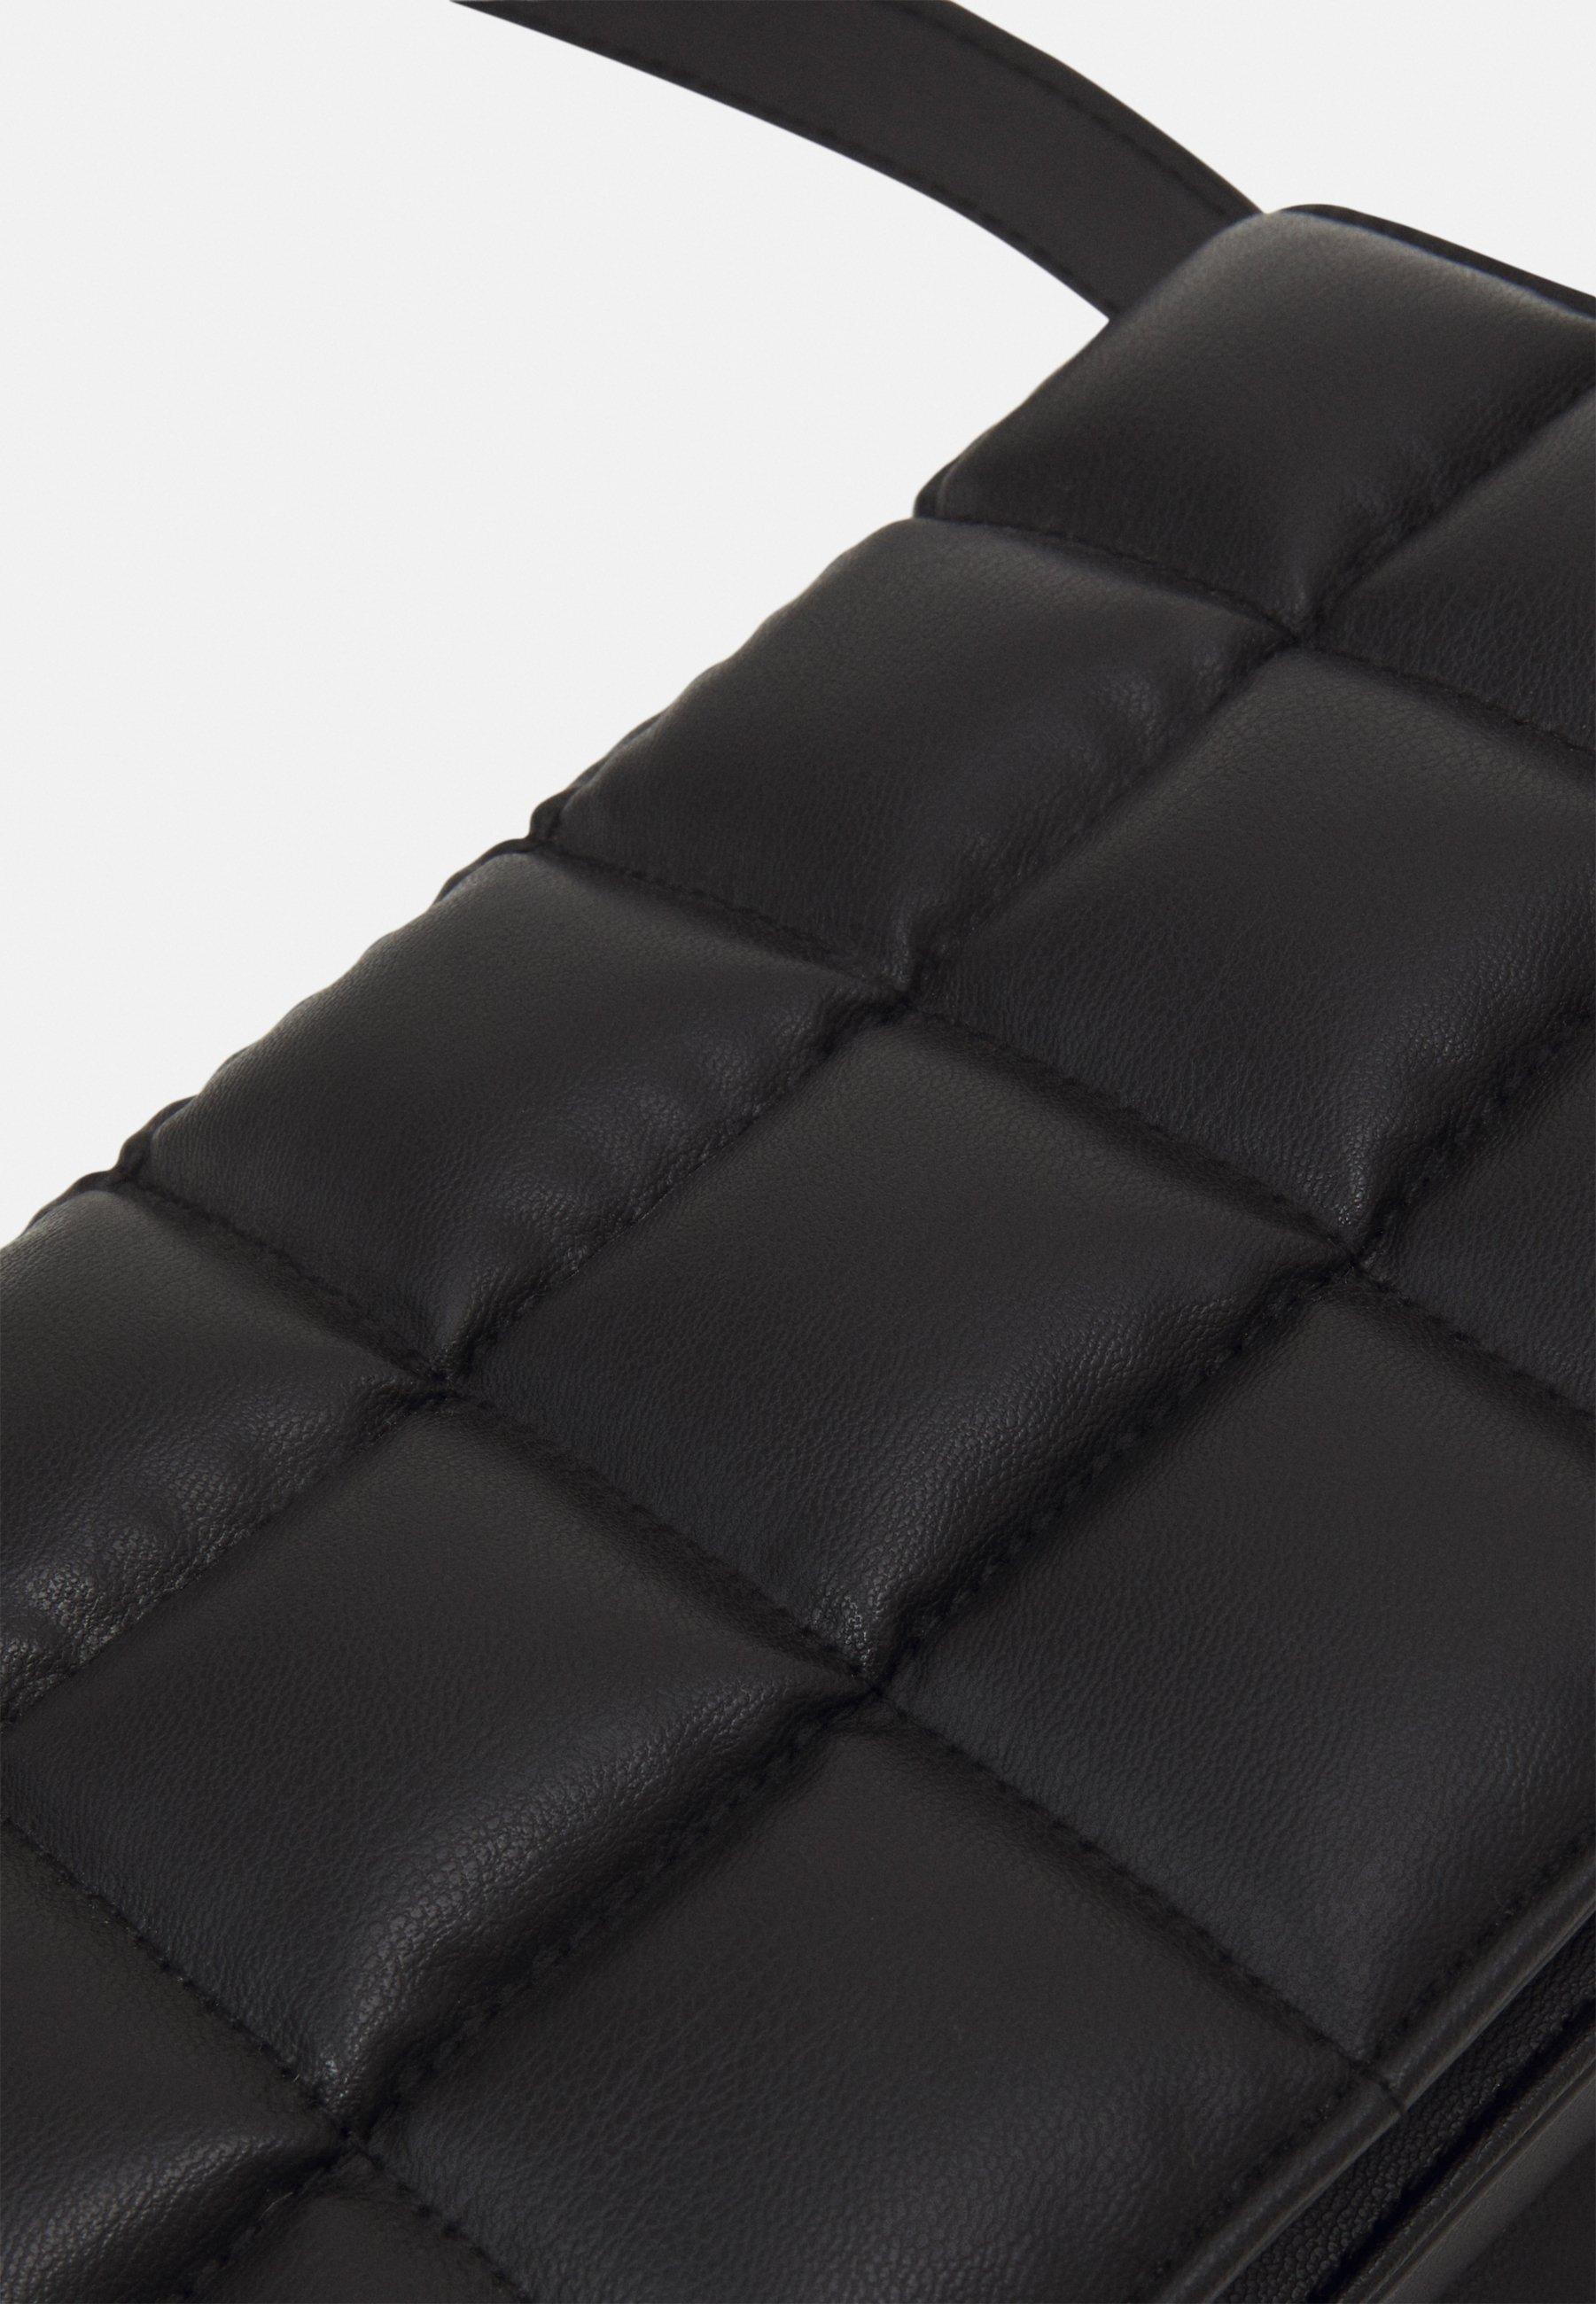 Monki Bobbie Bag - Umhängetasche Black Dark/schwarz